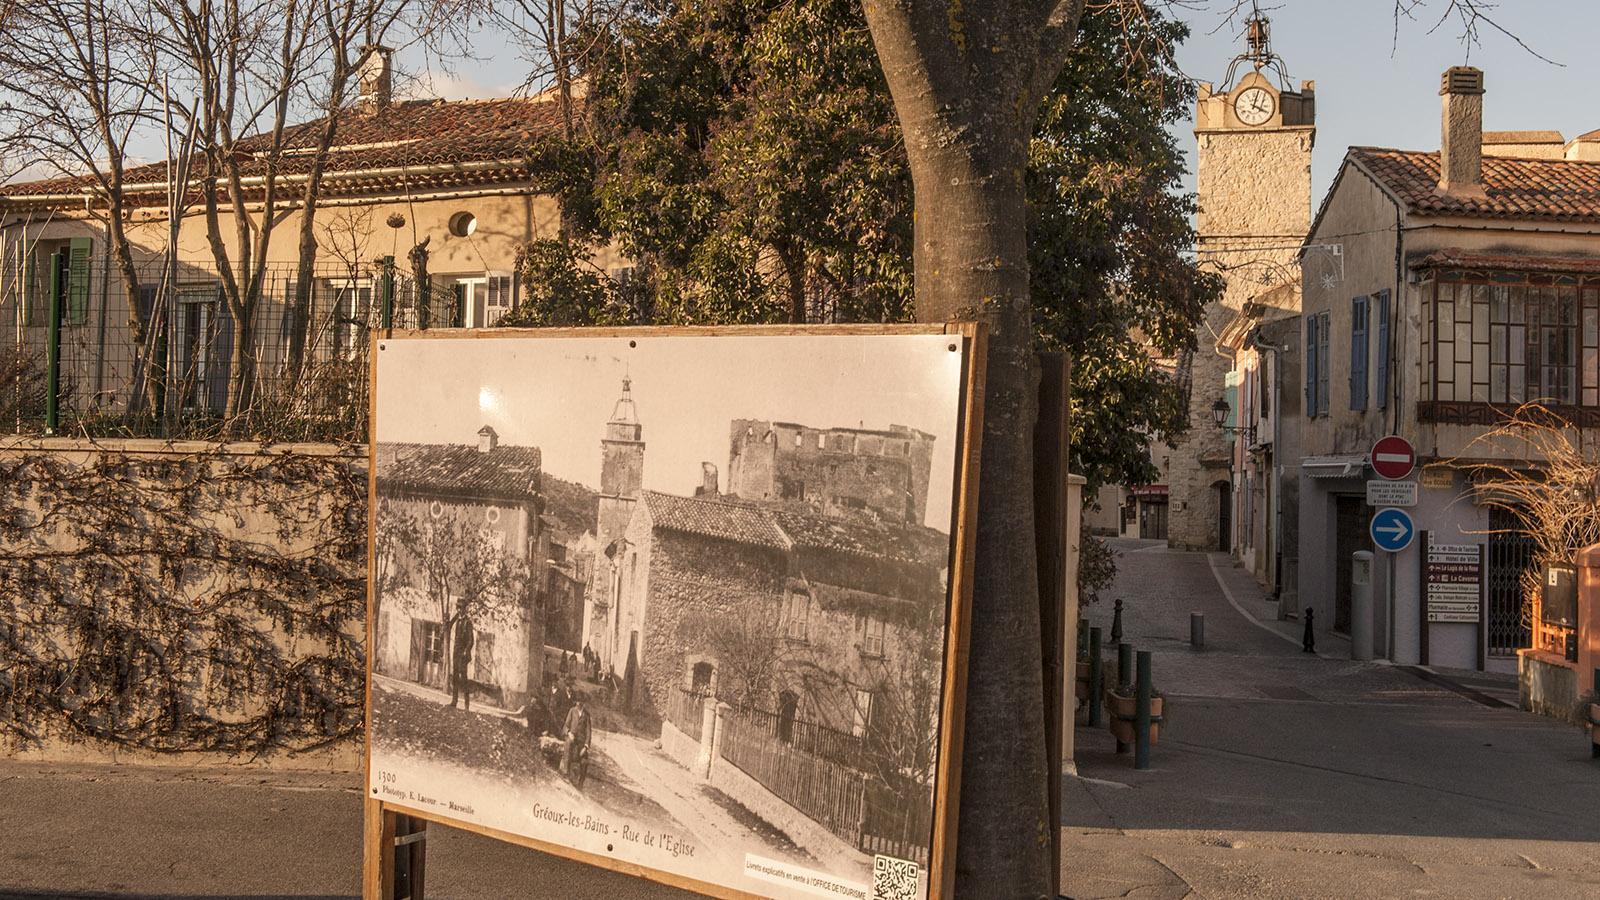 Zeitreise ins 19. Jahrhundert: die nostalgischen Fotos verraten, wie einst in Gréoux das Leben verlief. Foto: Hilke Maunder